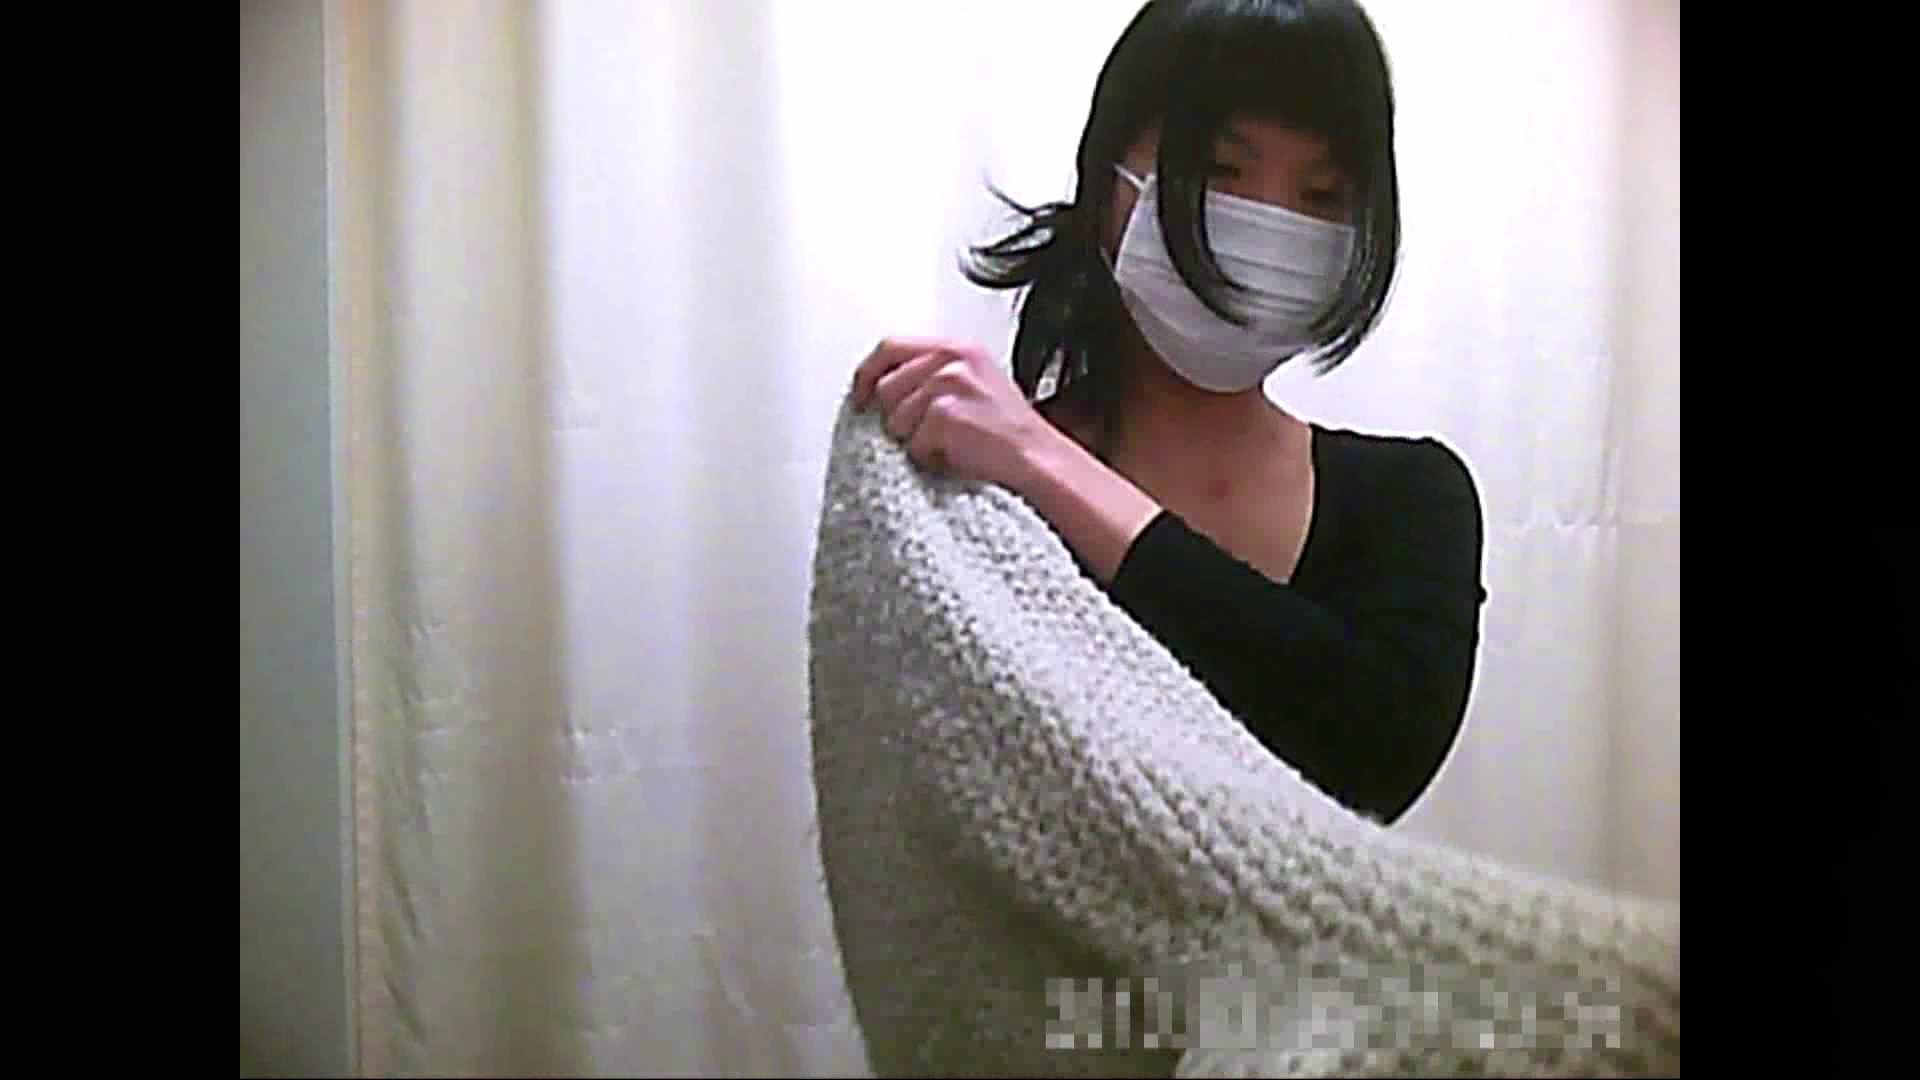 元医者による反抗 更衣室地獄絵巻 vol.103 OLハメ撮り  89Pix 75